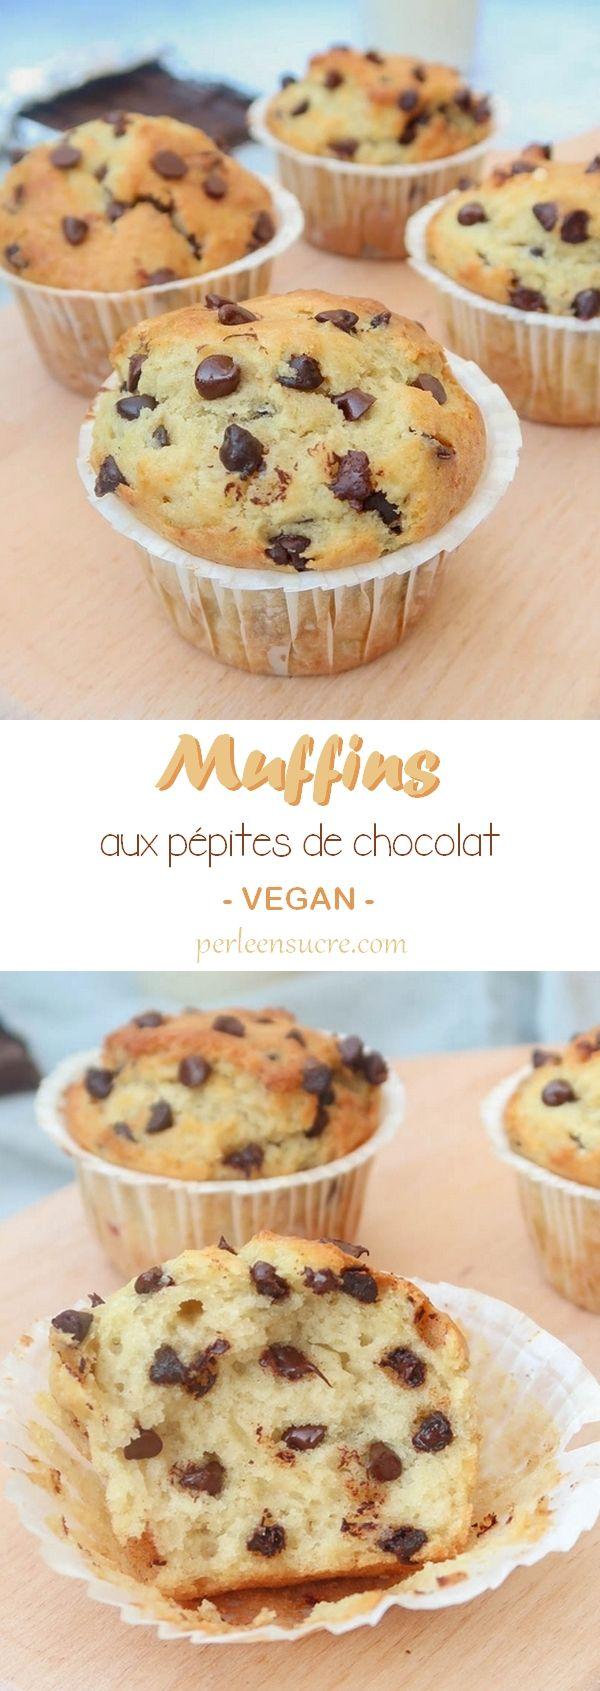 Muffins aux pépites de chocolat sans oeufs, sans lait {vegan